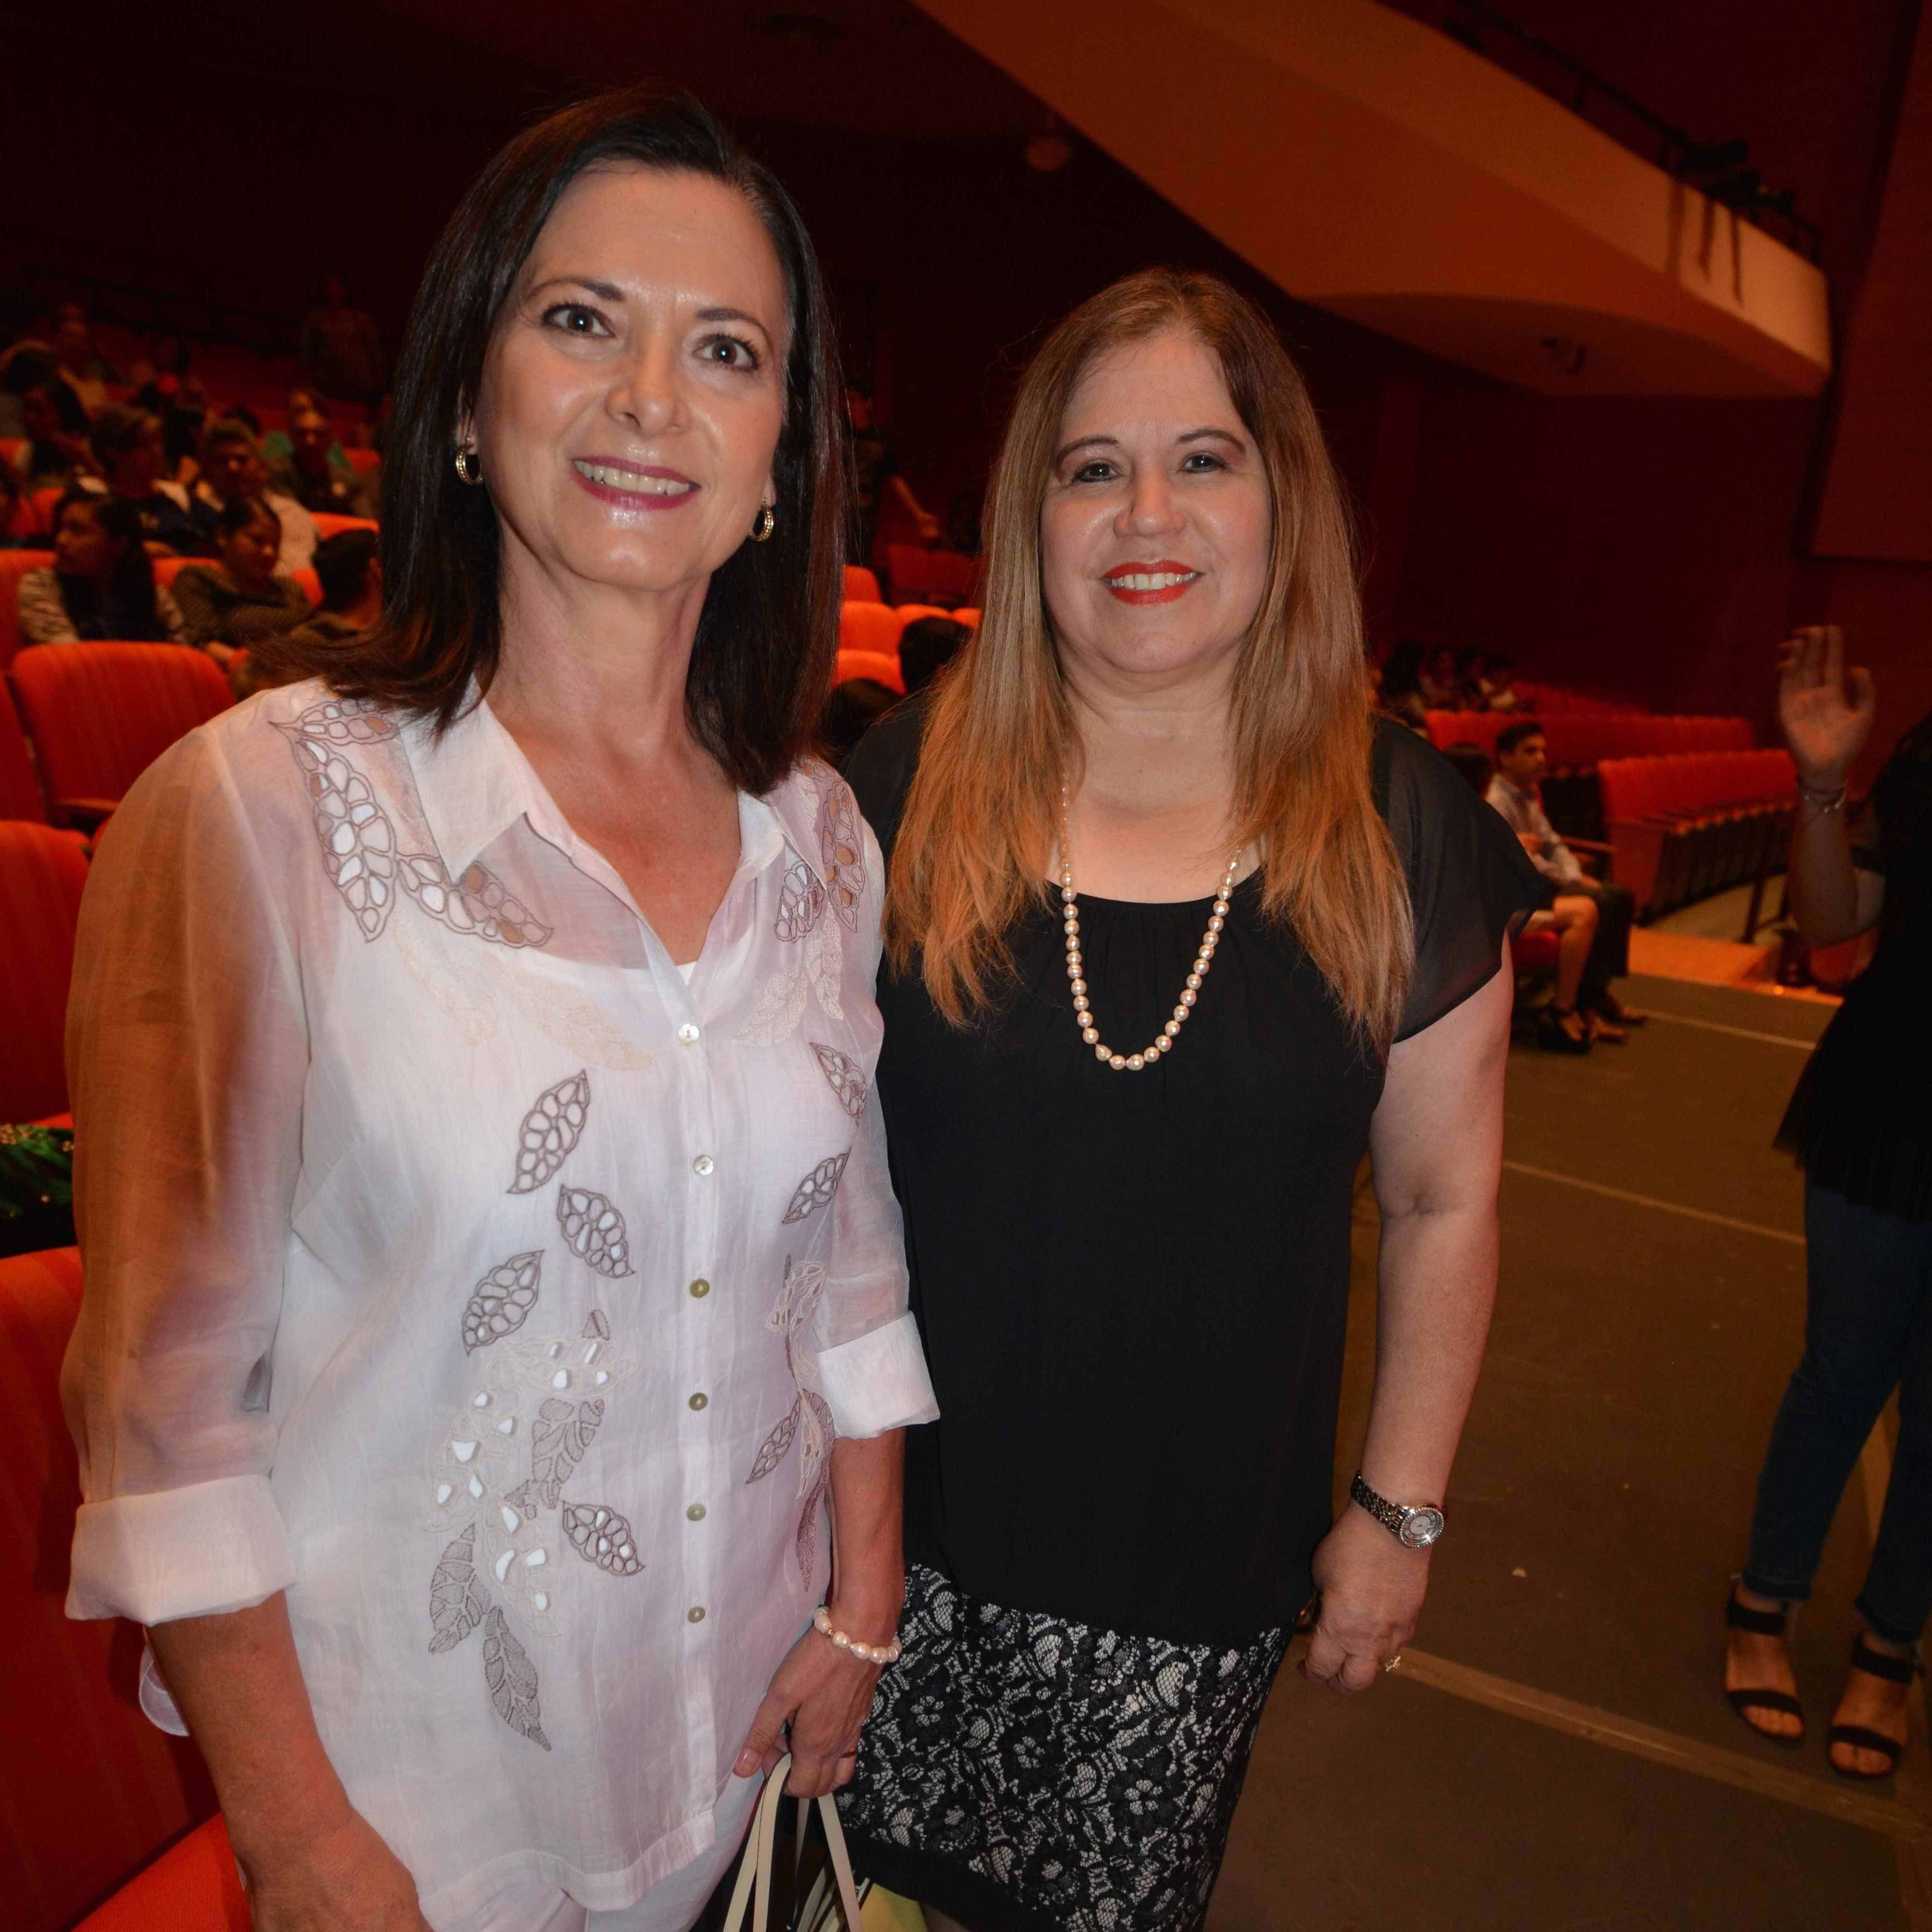 EN EL CONCIERTO. María Esther Camargo de Lubbert y Angelina Estrada de Hernández.